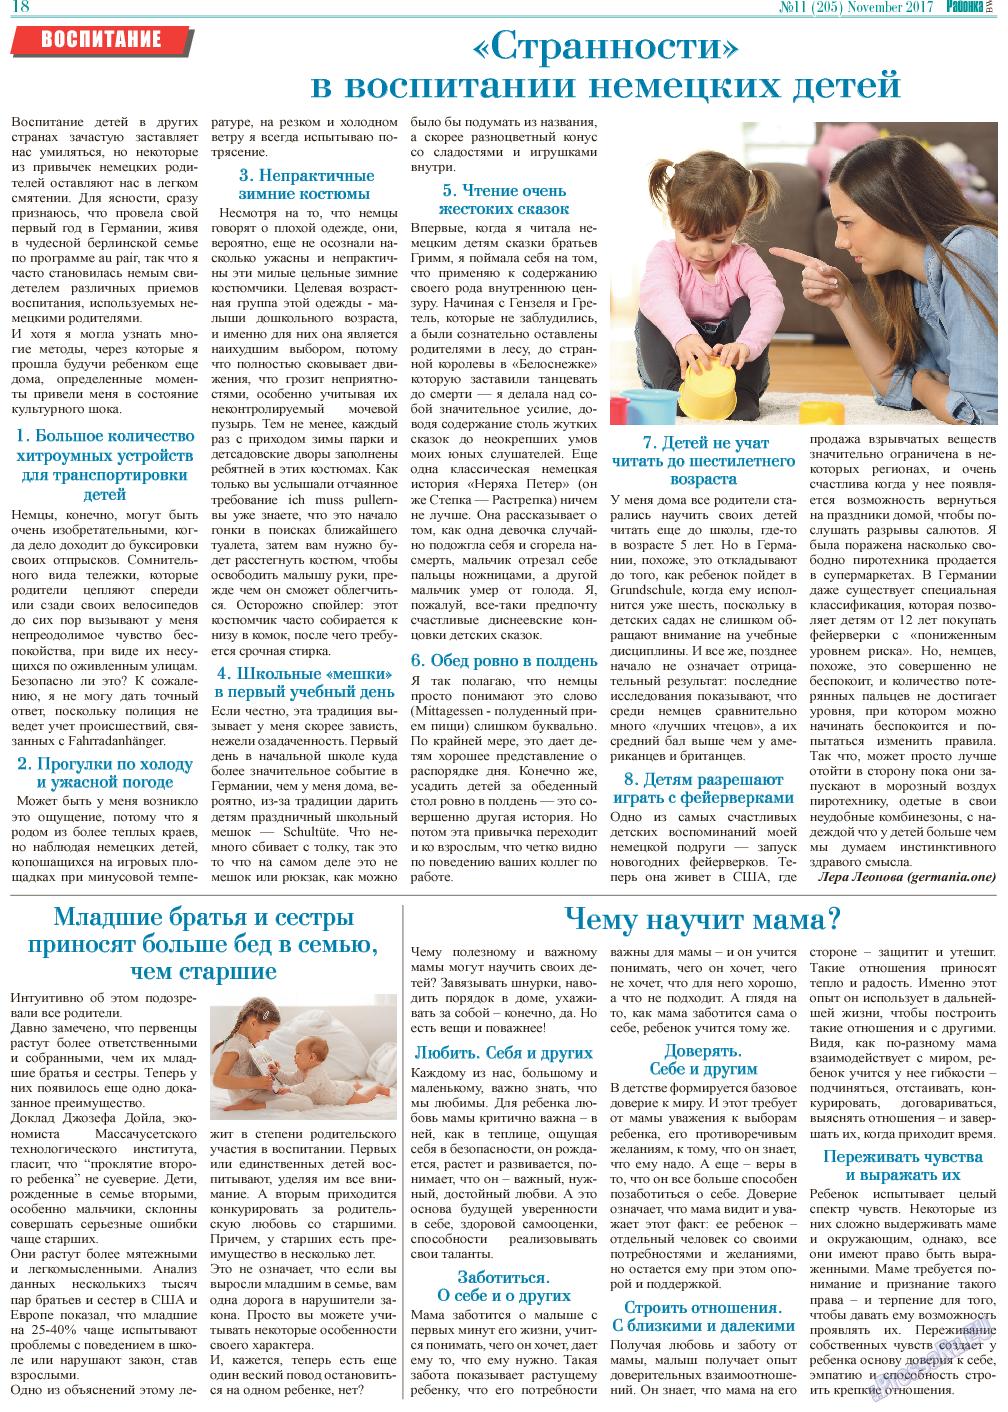 Районка-West (газета). 2017 год, номер 11, стр. 18